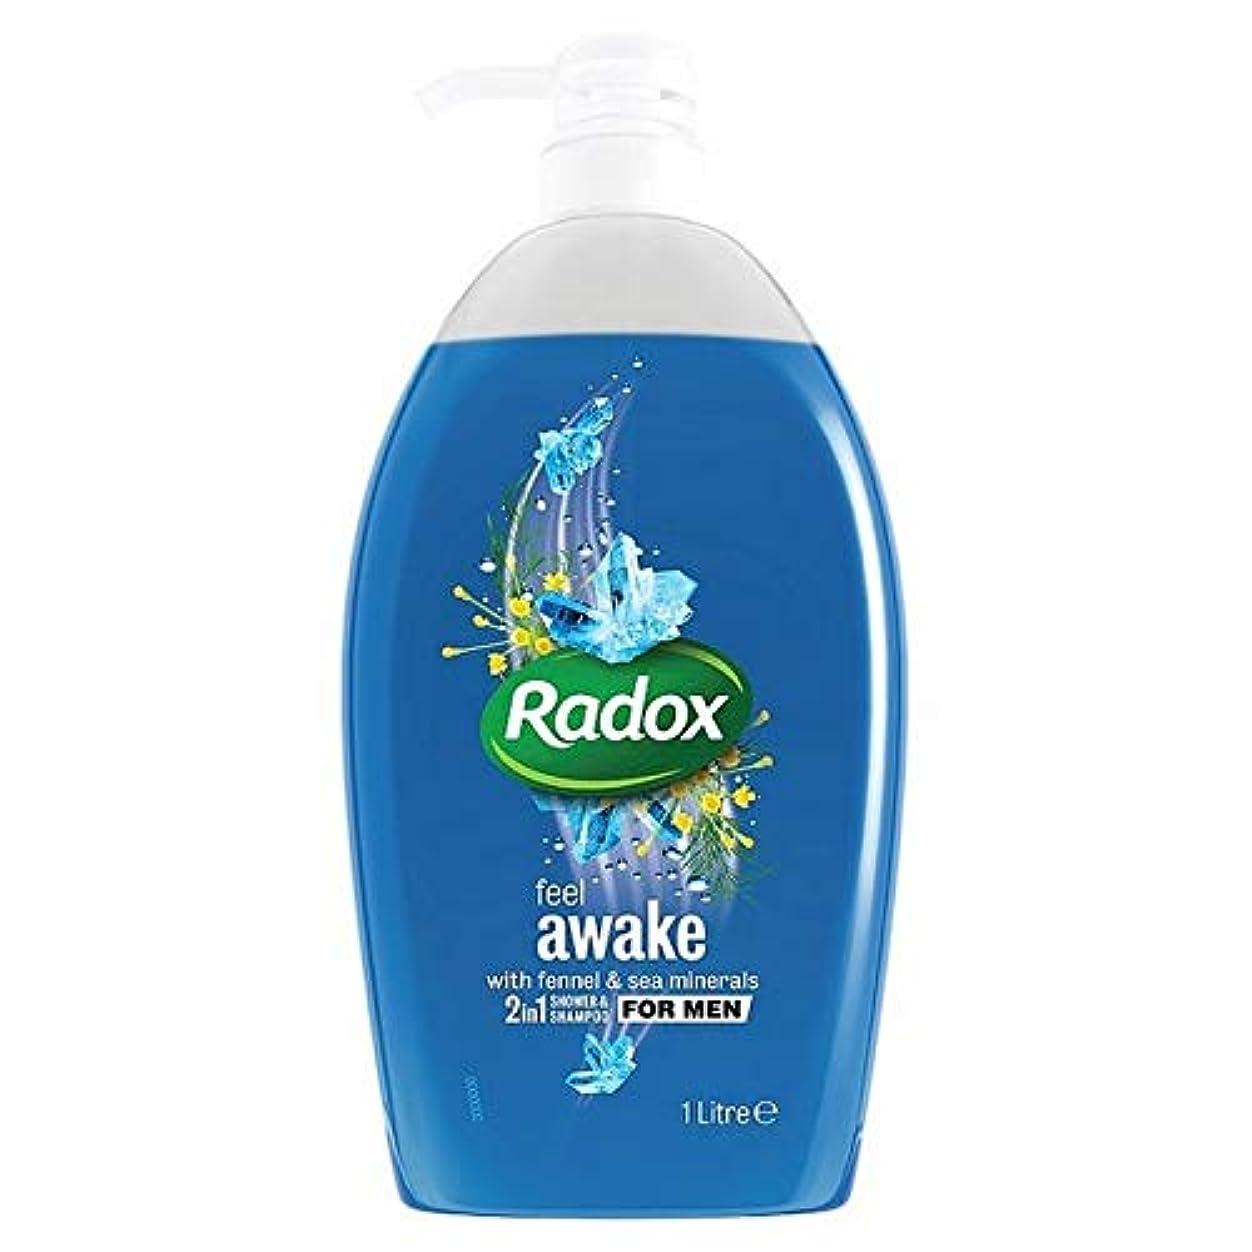 どう?ぶら下がる路面電車[Radox] Radoxは男性の2In1シャワーゲル1リットル用起き感じます - Radox Feel Awake for Men 2in1 Shower Gel 1L [並行輸入品]